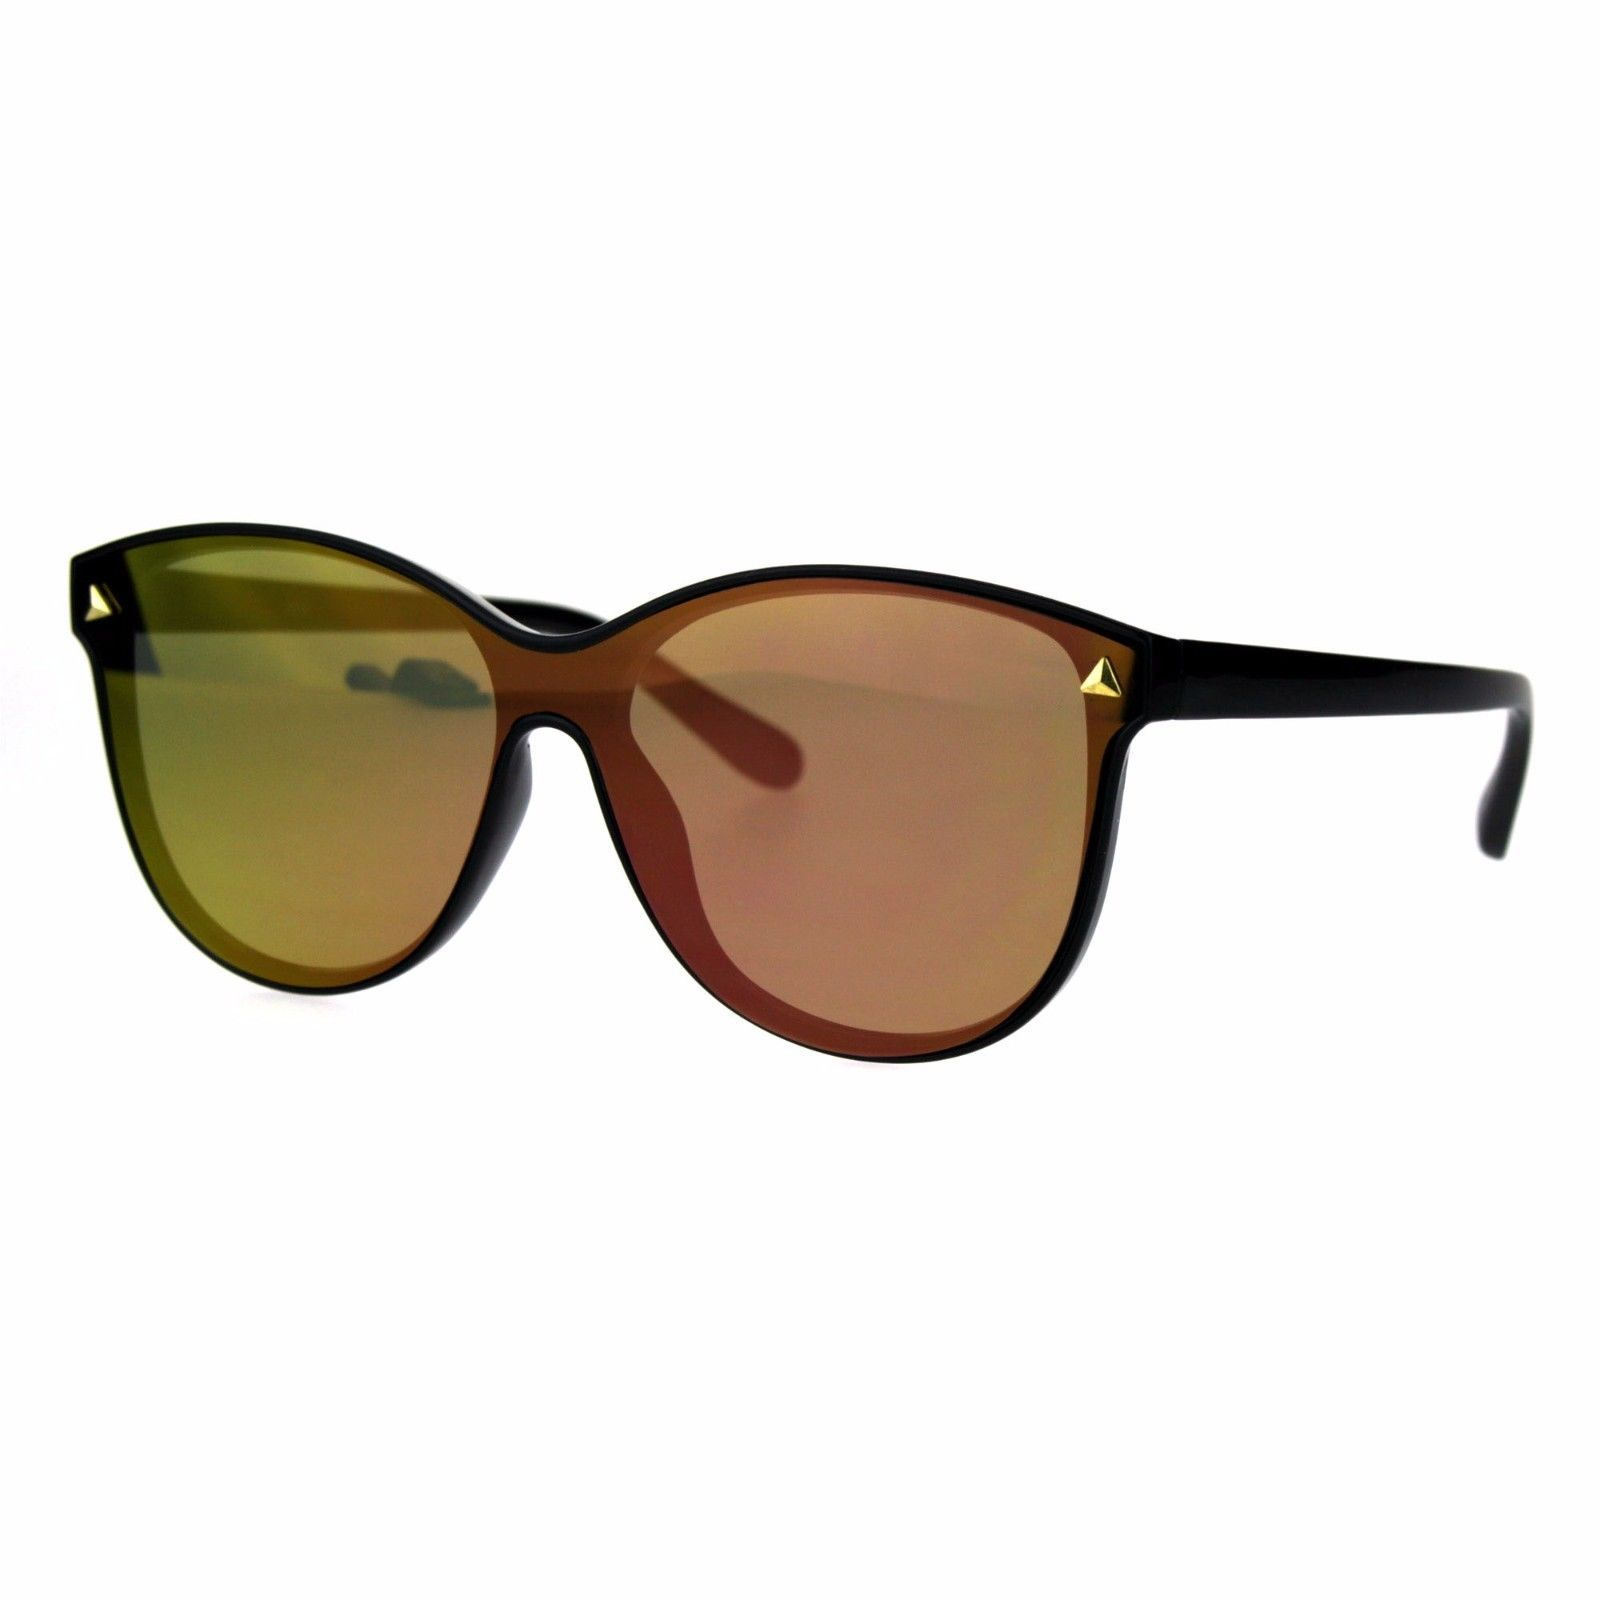 Womens Fashion Sunglasses Black Minimal Frame Color Mirrored Lens UV 400